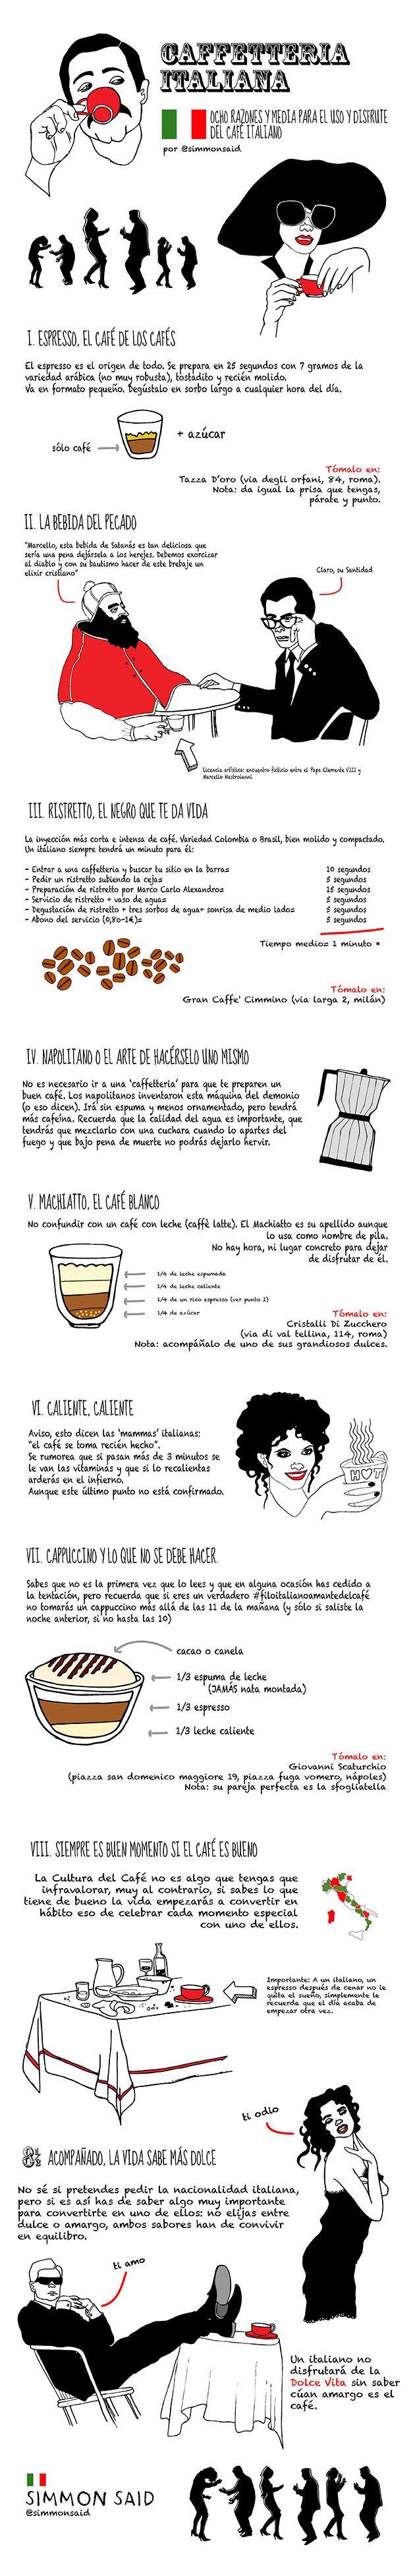 Café italiano: instrucciones de uso y disfrute http://www.traveler.es/viajes/placeres/articulos/cafe-italiano/4858